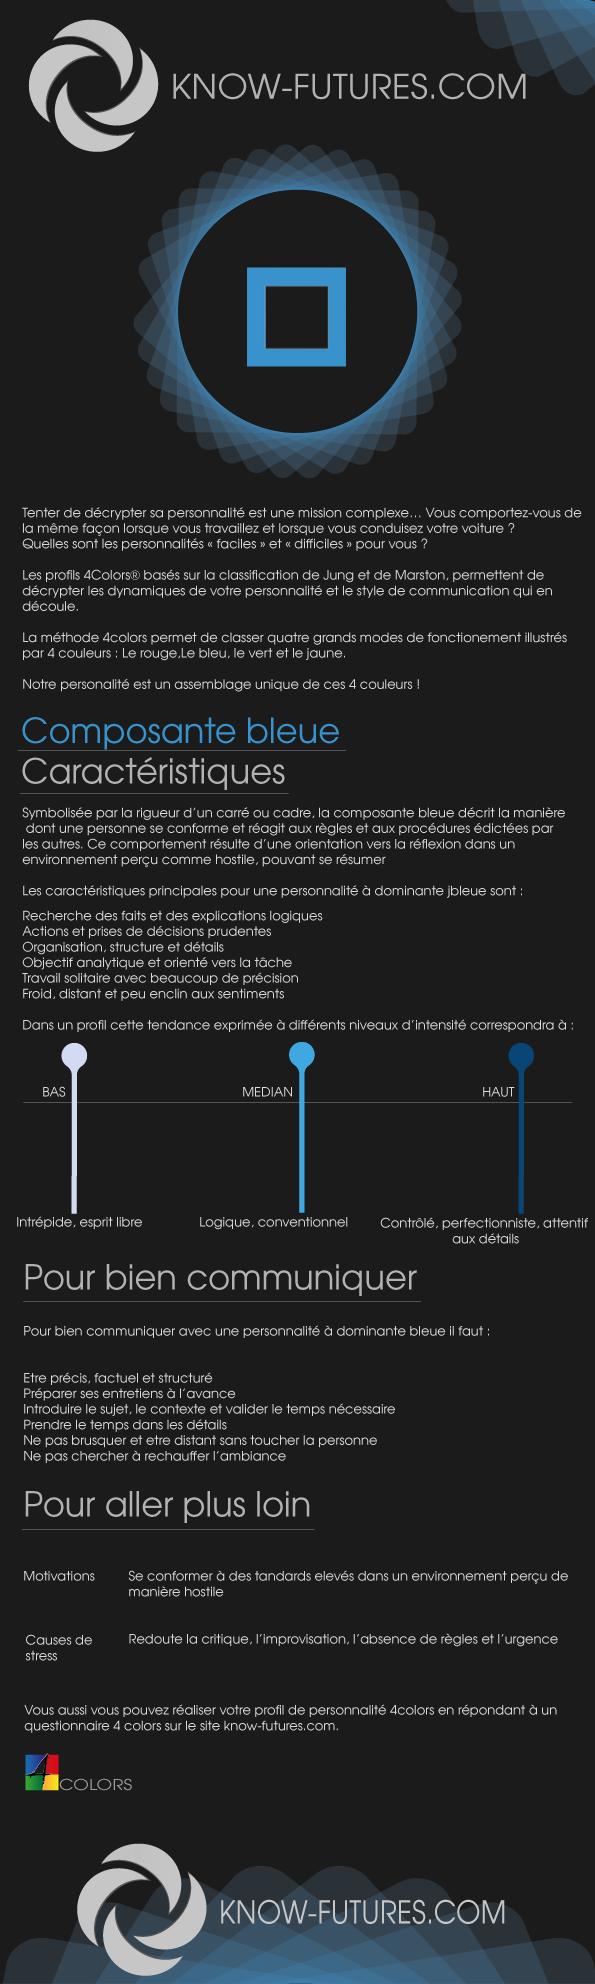 composante bleue méthode des couleurs